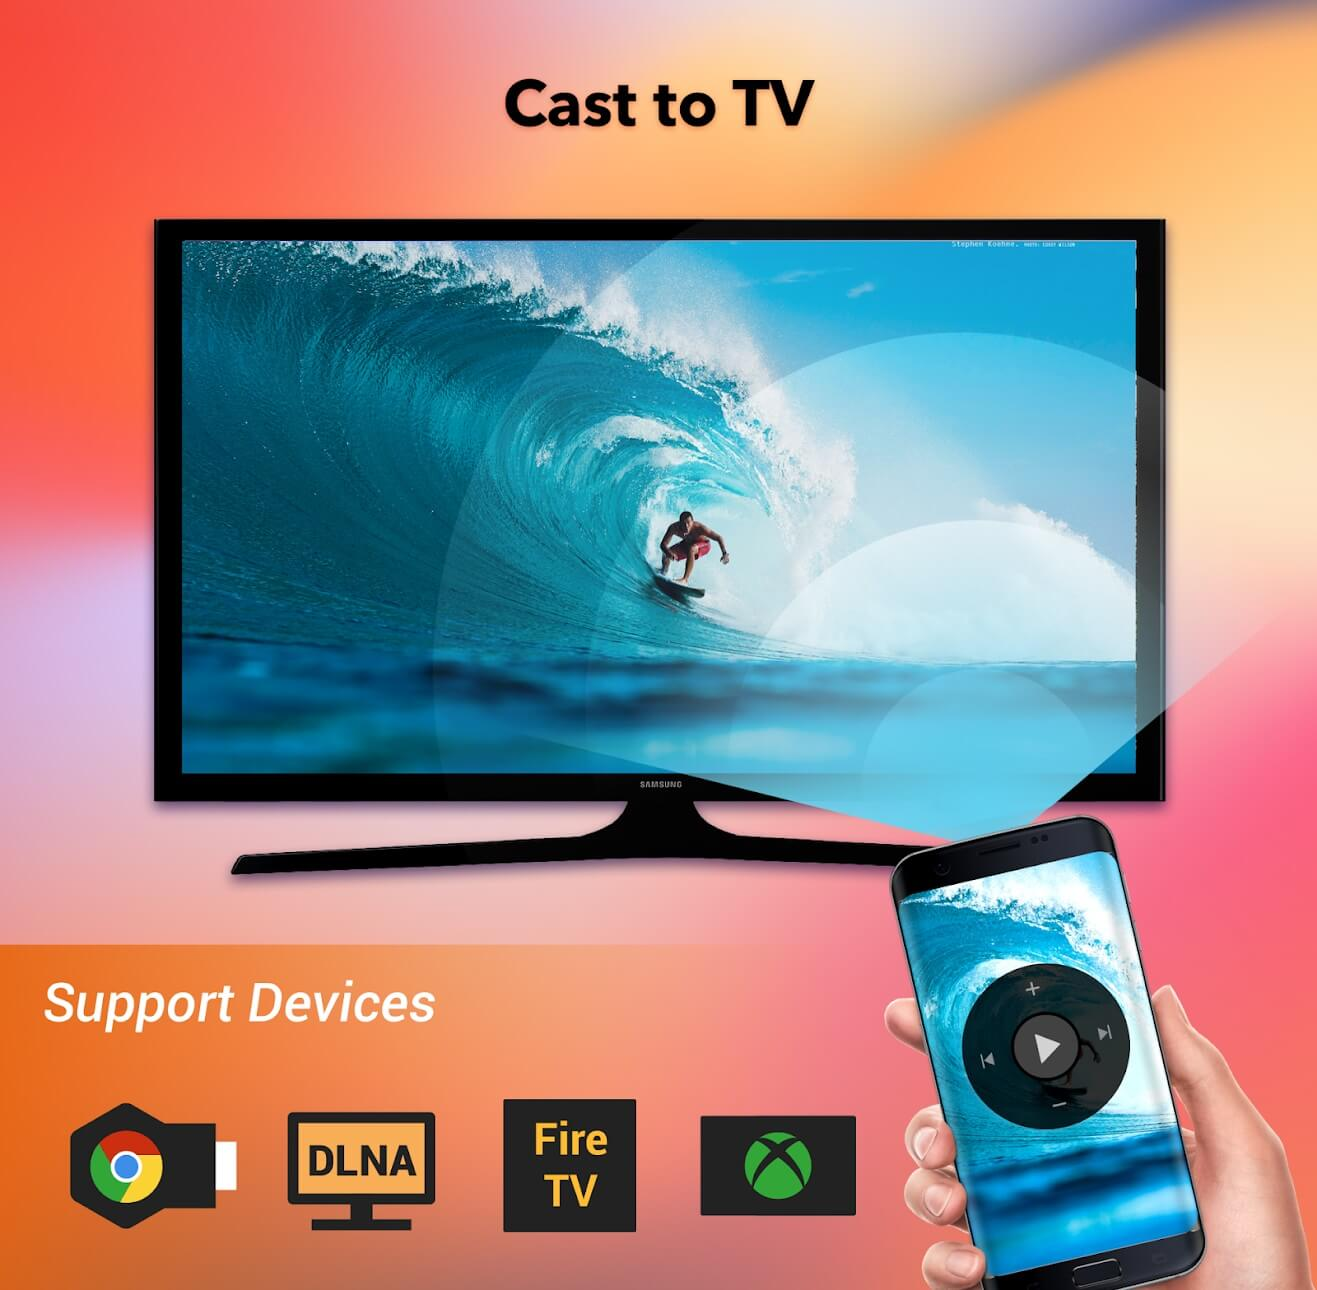 Las mejores aplicaciones de Android Mirror Cast - TV-Chromecast-Roku-stream-phone